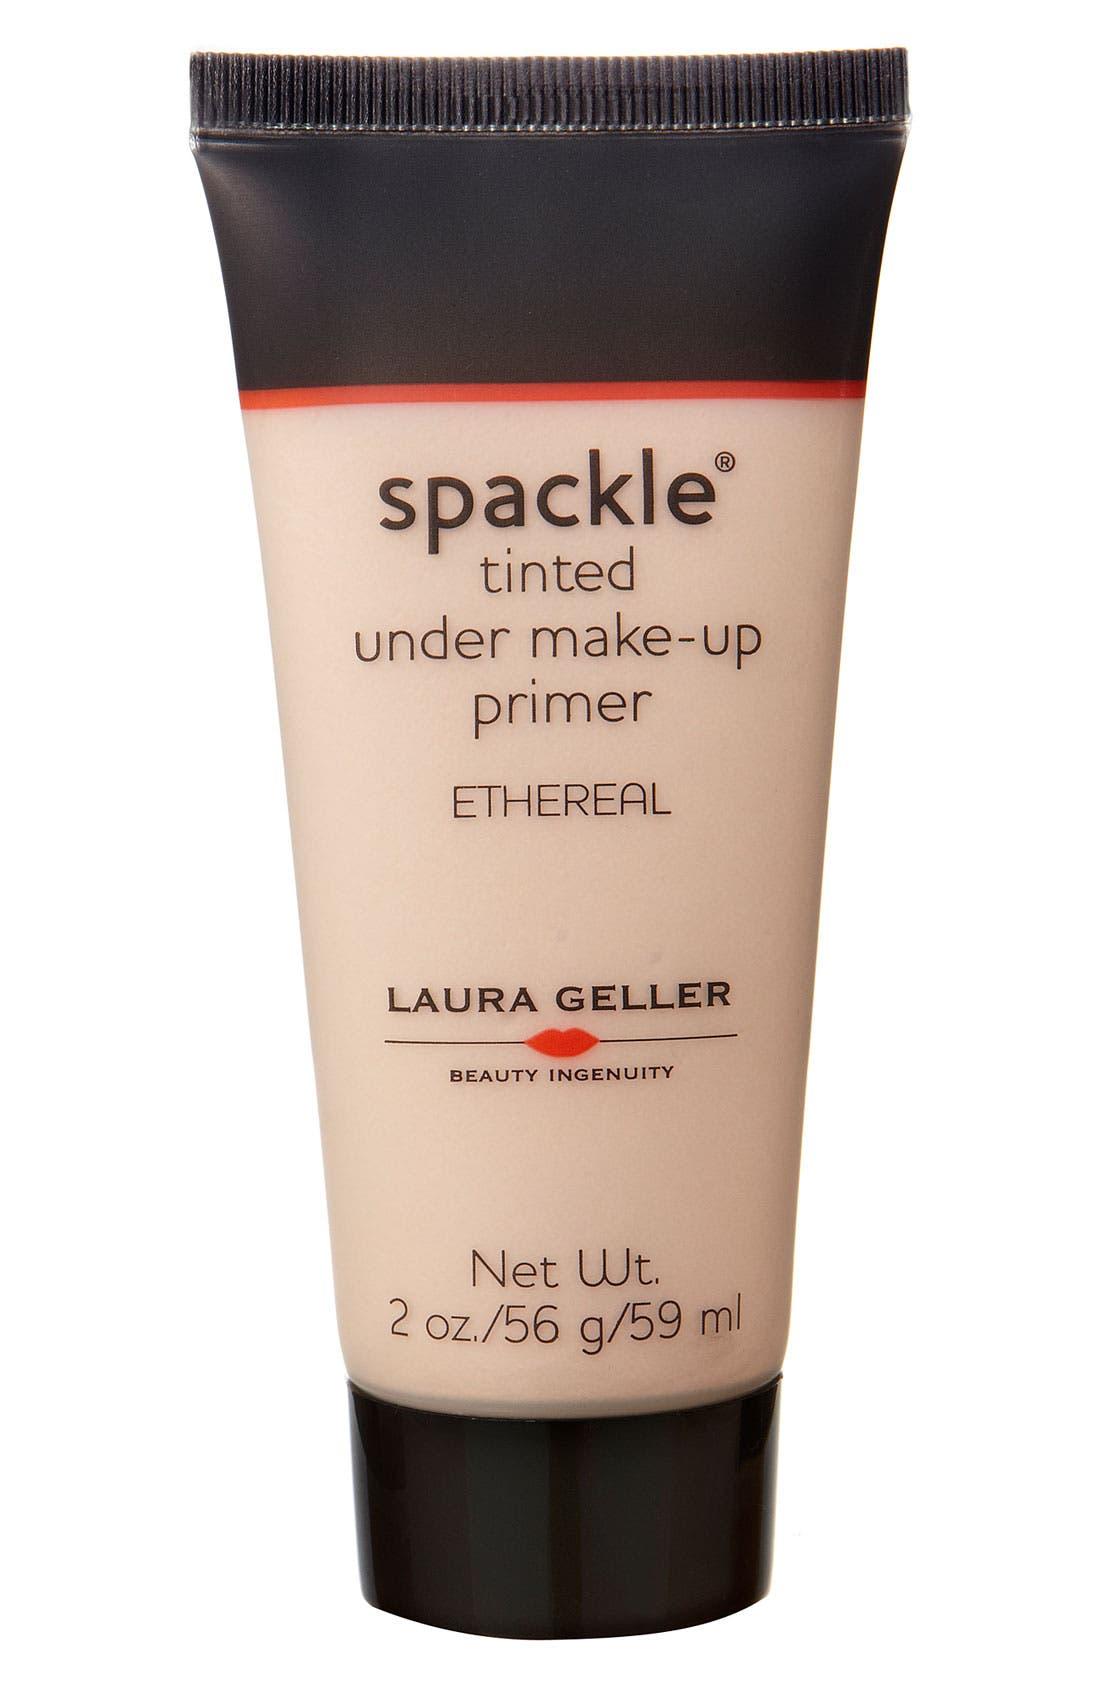 Laura Geller Beauty 'Spackle® - Ethereal' Tinted Under Make-Up Primer